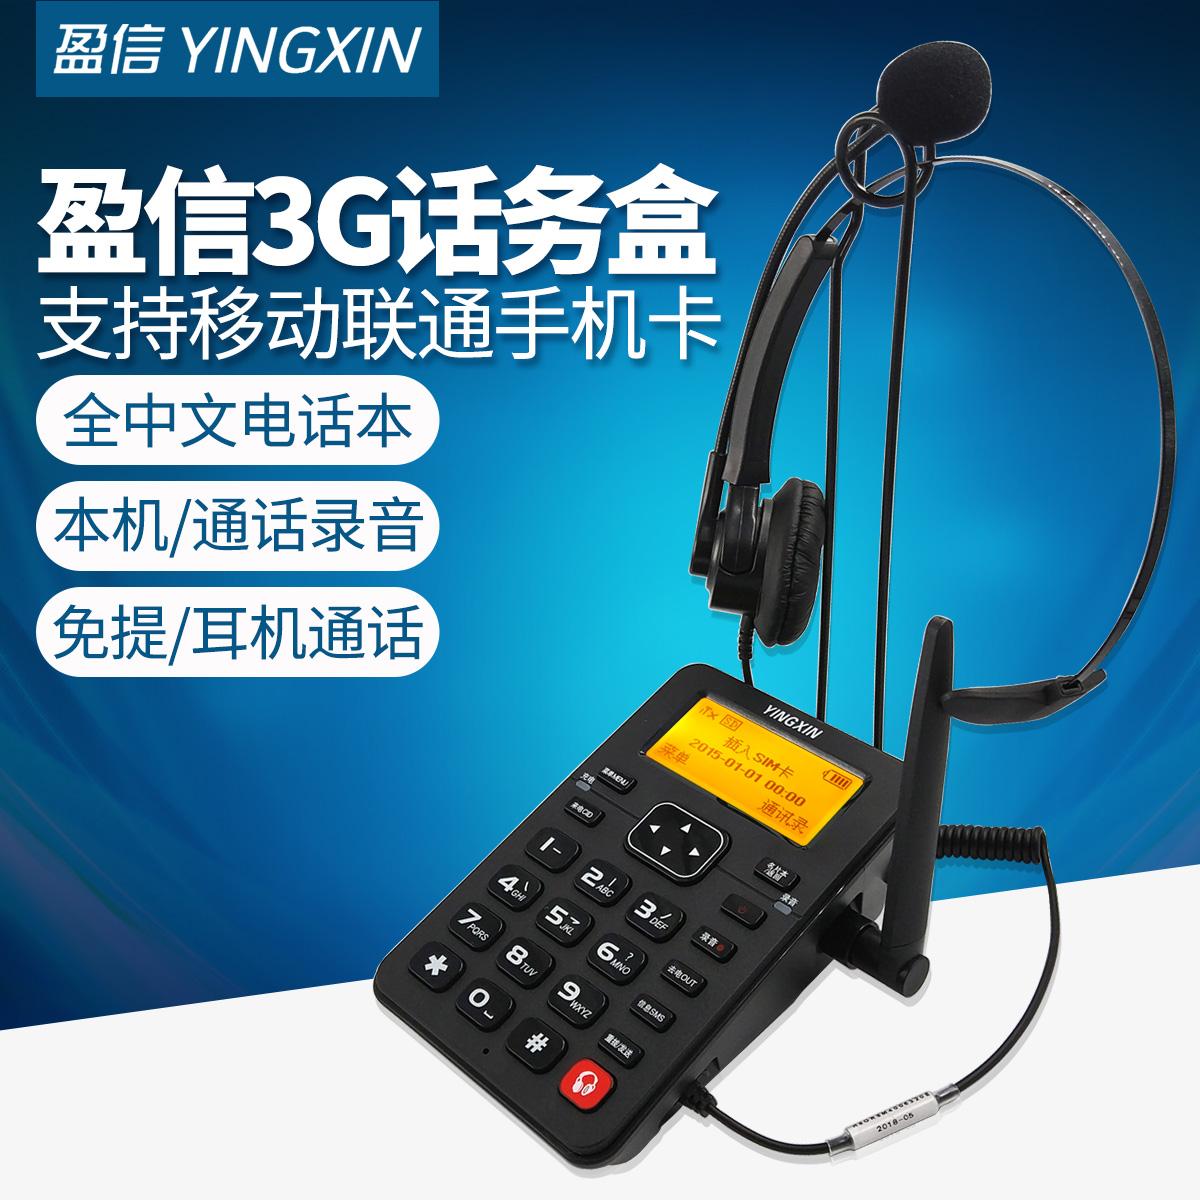 盈信呼叫中心专用客服耳麦电话机话务员耳机插卡电话机录音座机